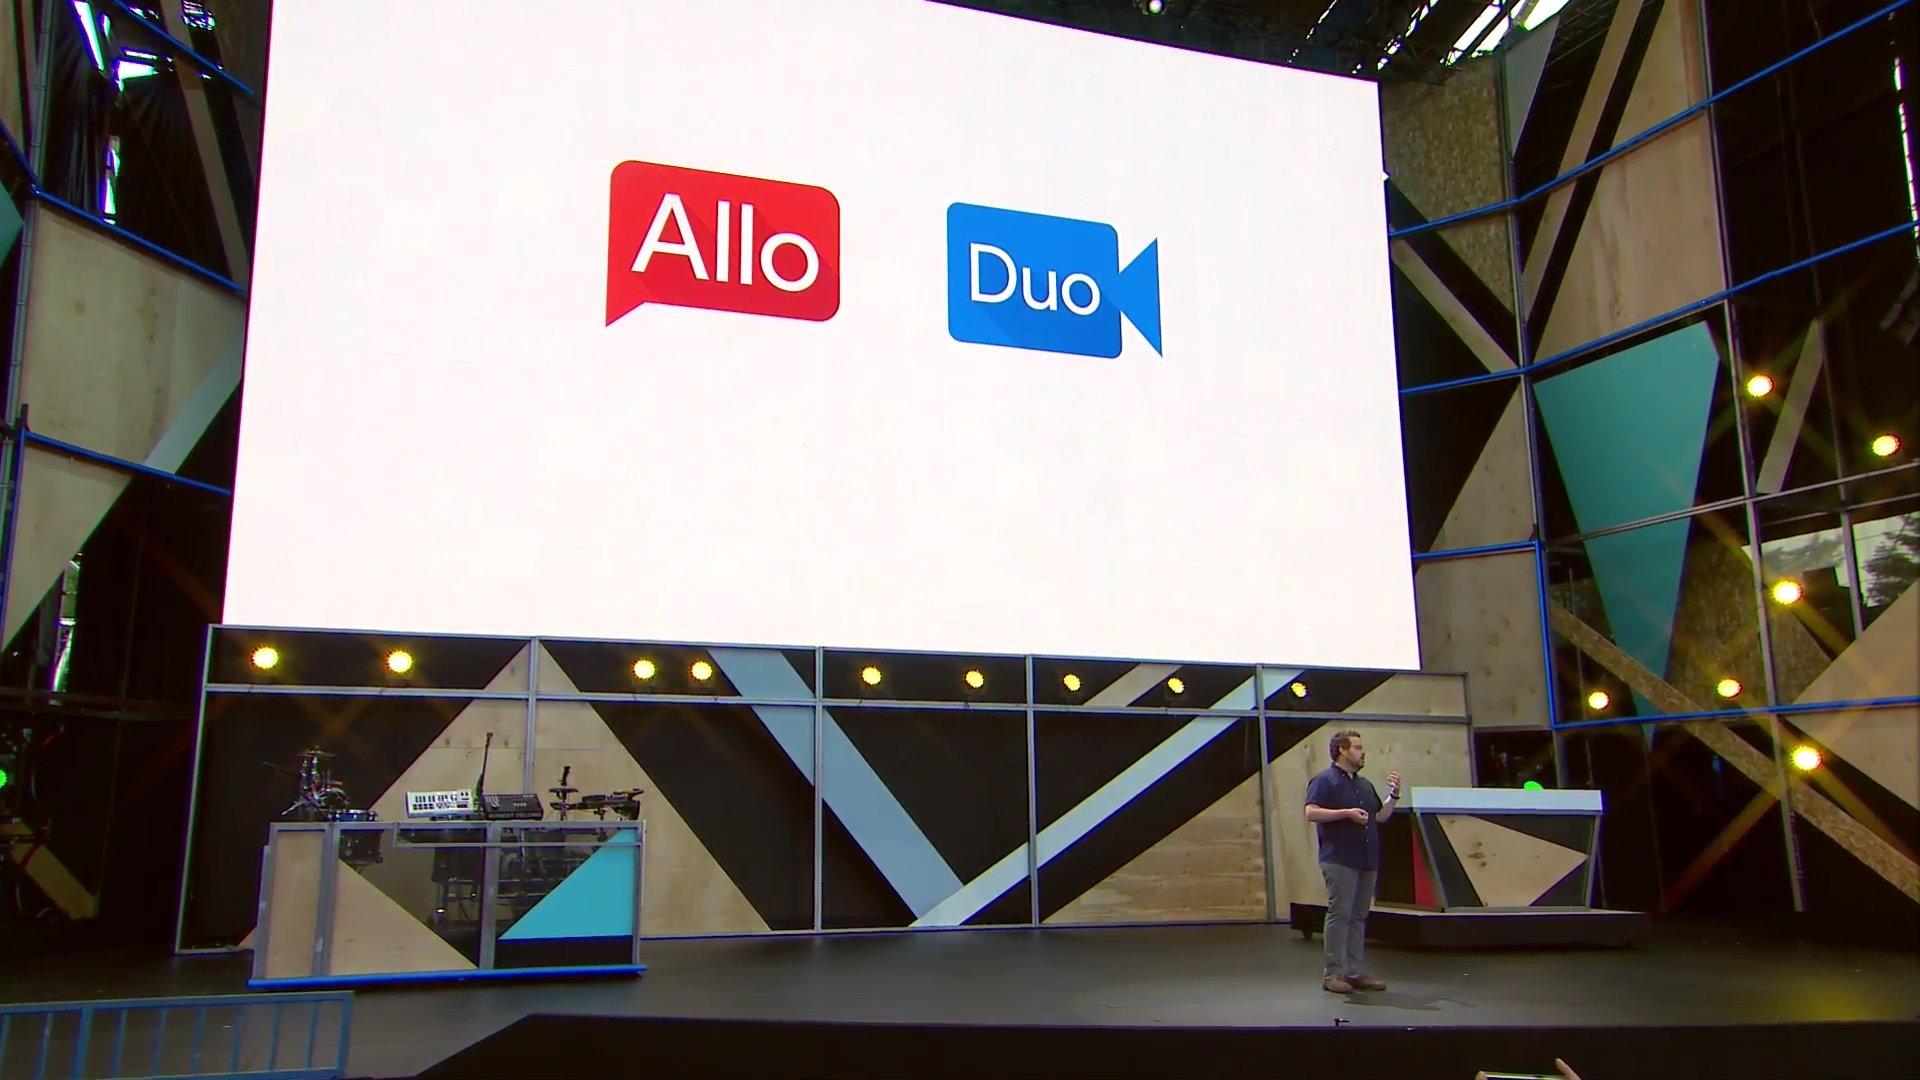 Allo / Duo